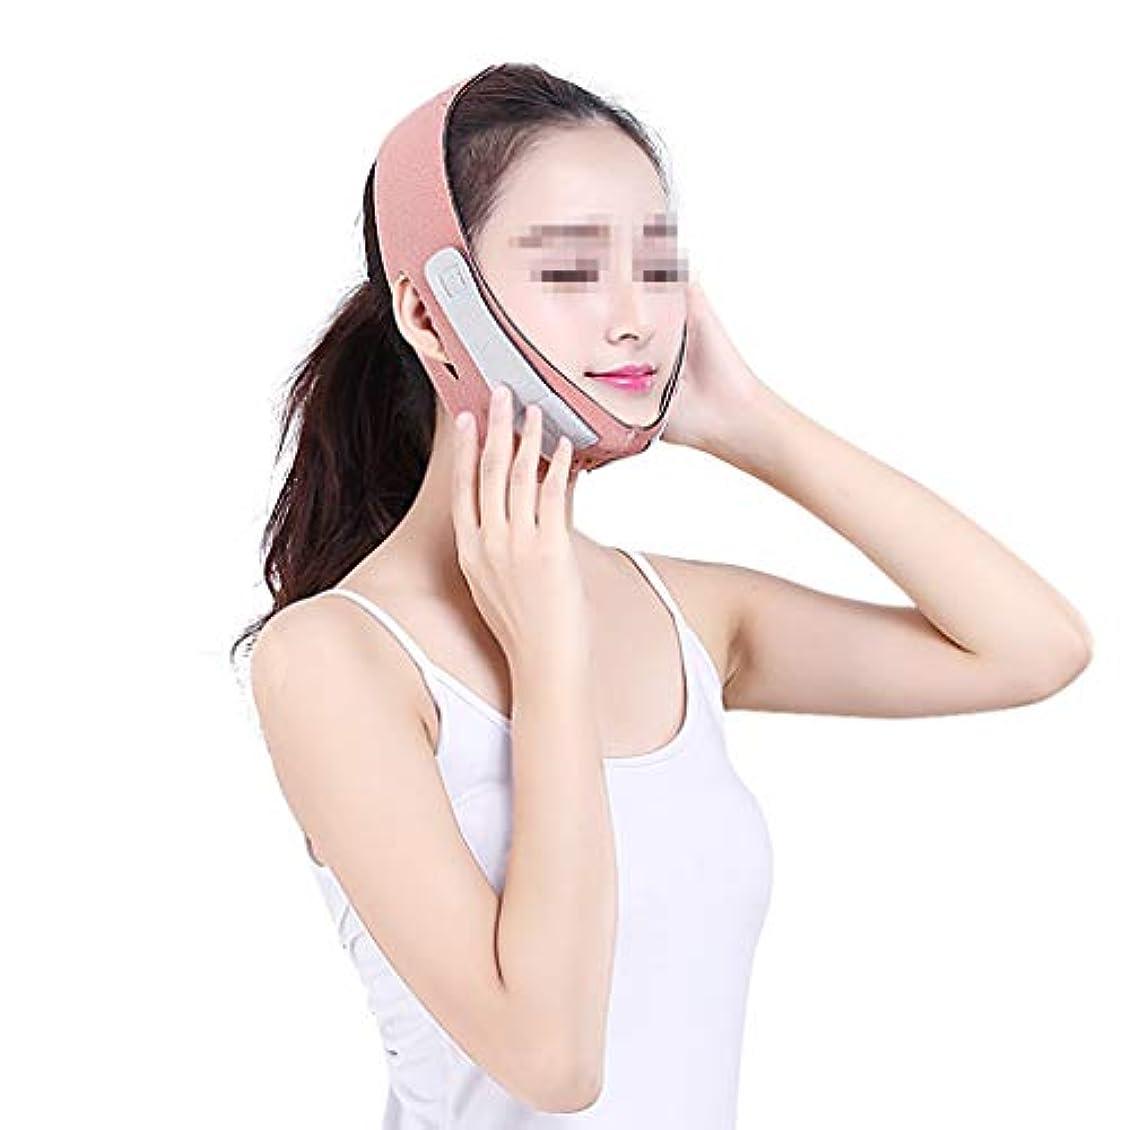 普及参加する守るXHLMRMJ 顔の持ち上がる睡眠のV顔の包帯、マスクの顔の顔のマッサージャーのあごの顔の持ち上がる顔の持ち上がる顔の持ち上がる機械